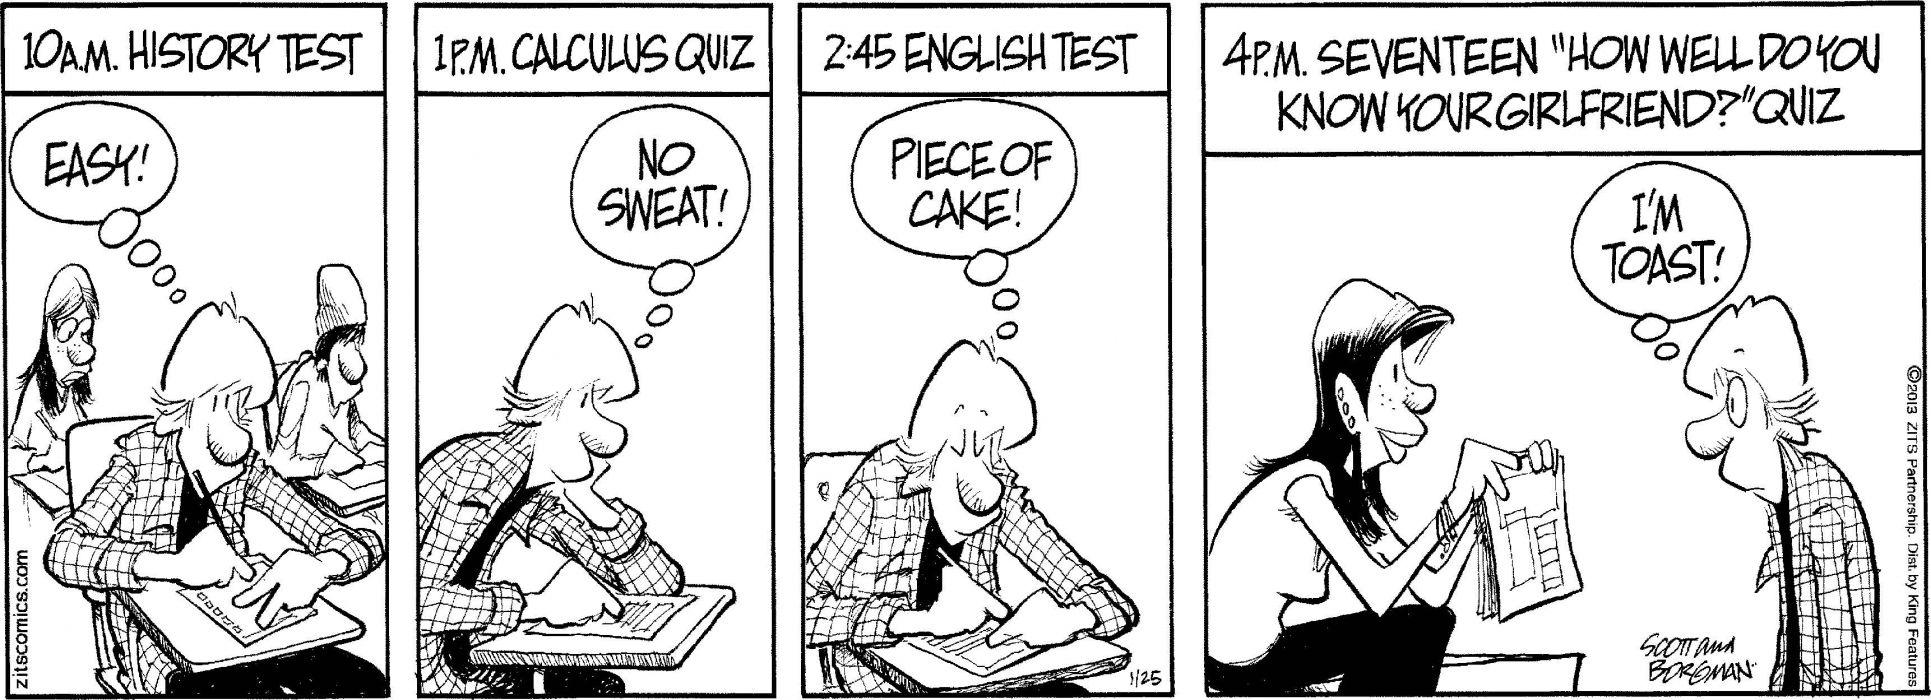 ZITS comicstrip humor funny (1) wallpaper